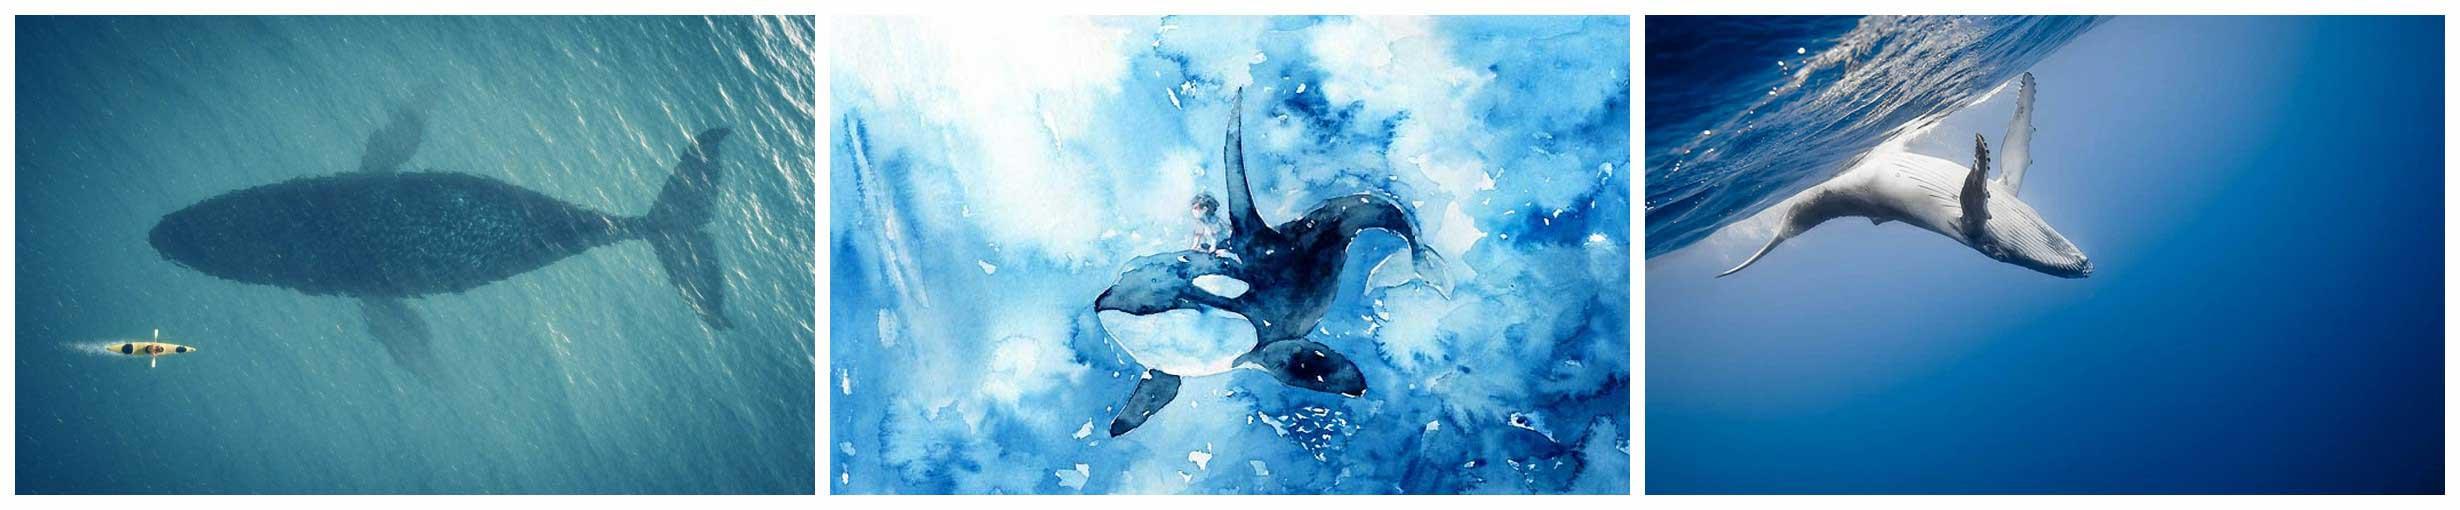 鲸鱼图片_鲸鱼电脑壁纸_鲸鱼手机壁纸_鲸鱼卡通壁纸_动物壁纸